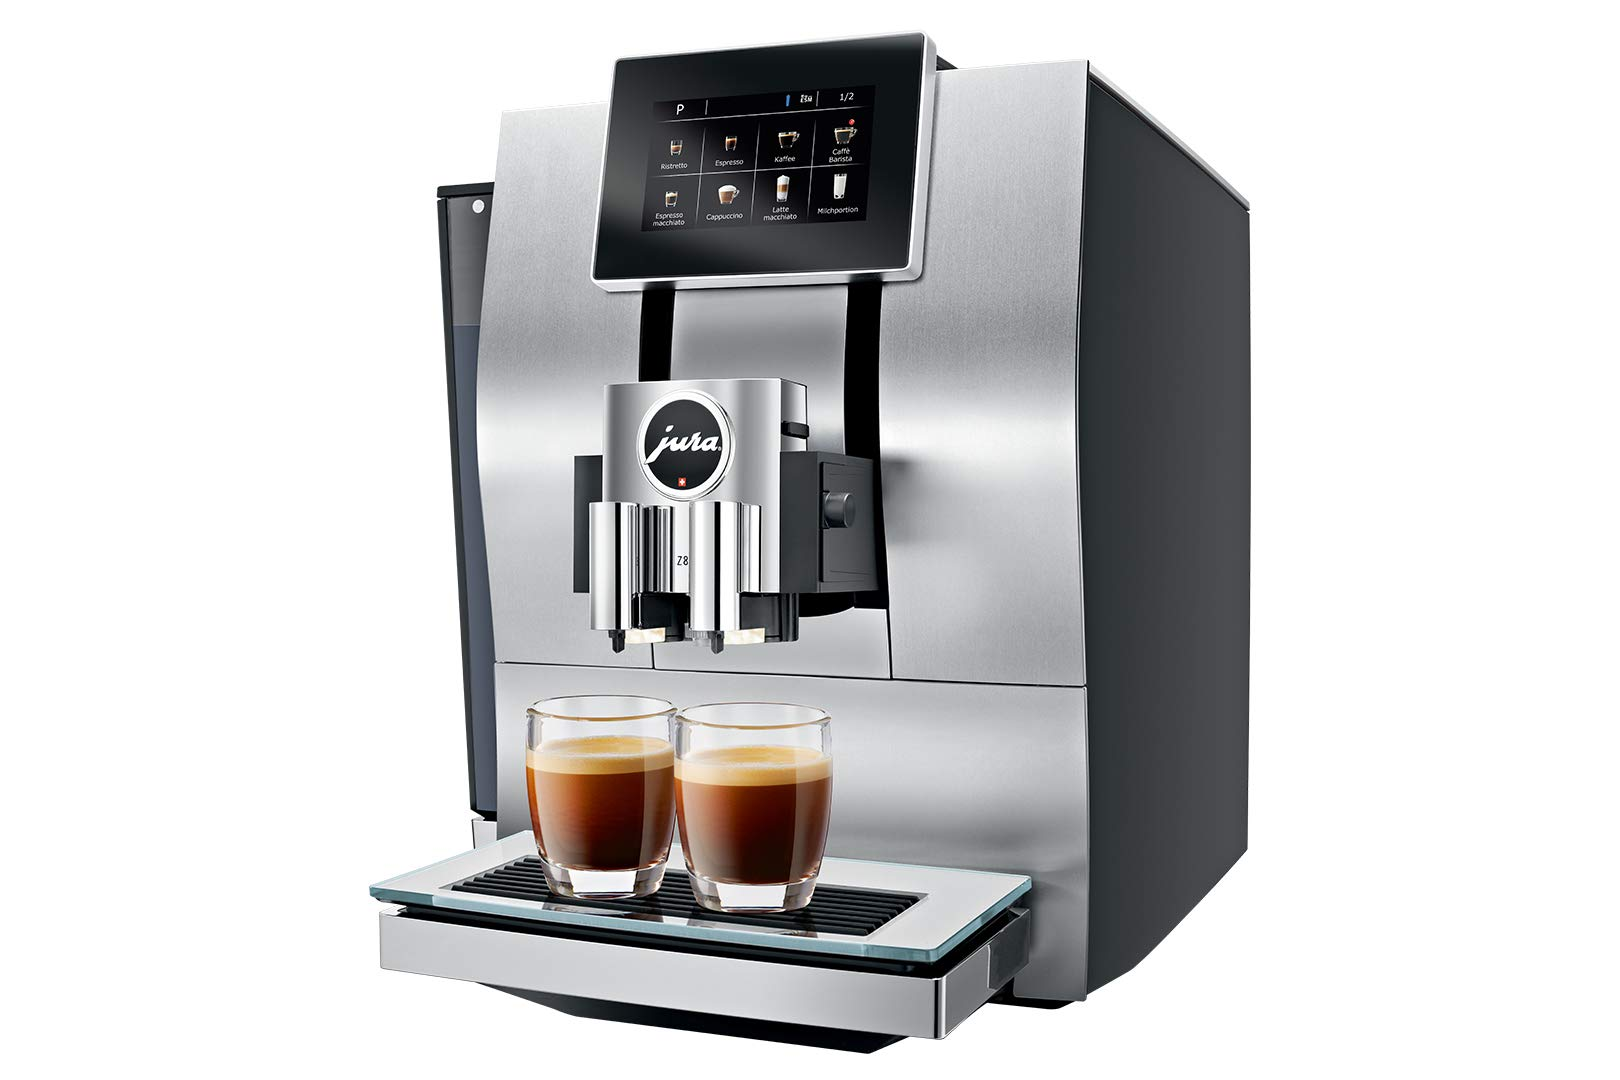 Jura-15299-Kaffee-Vollautomat-silber